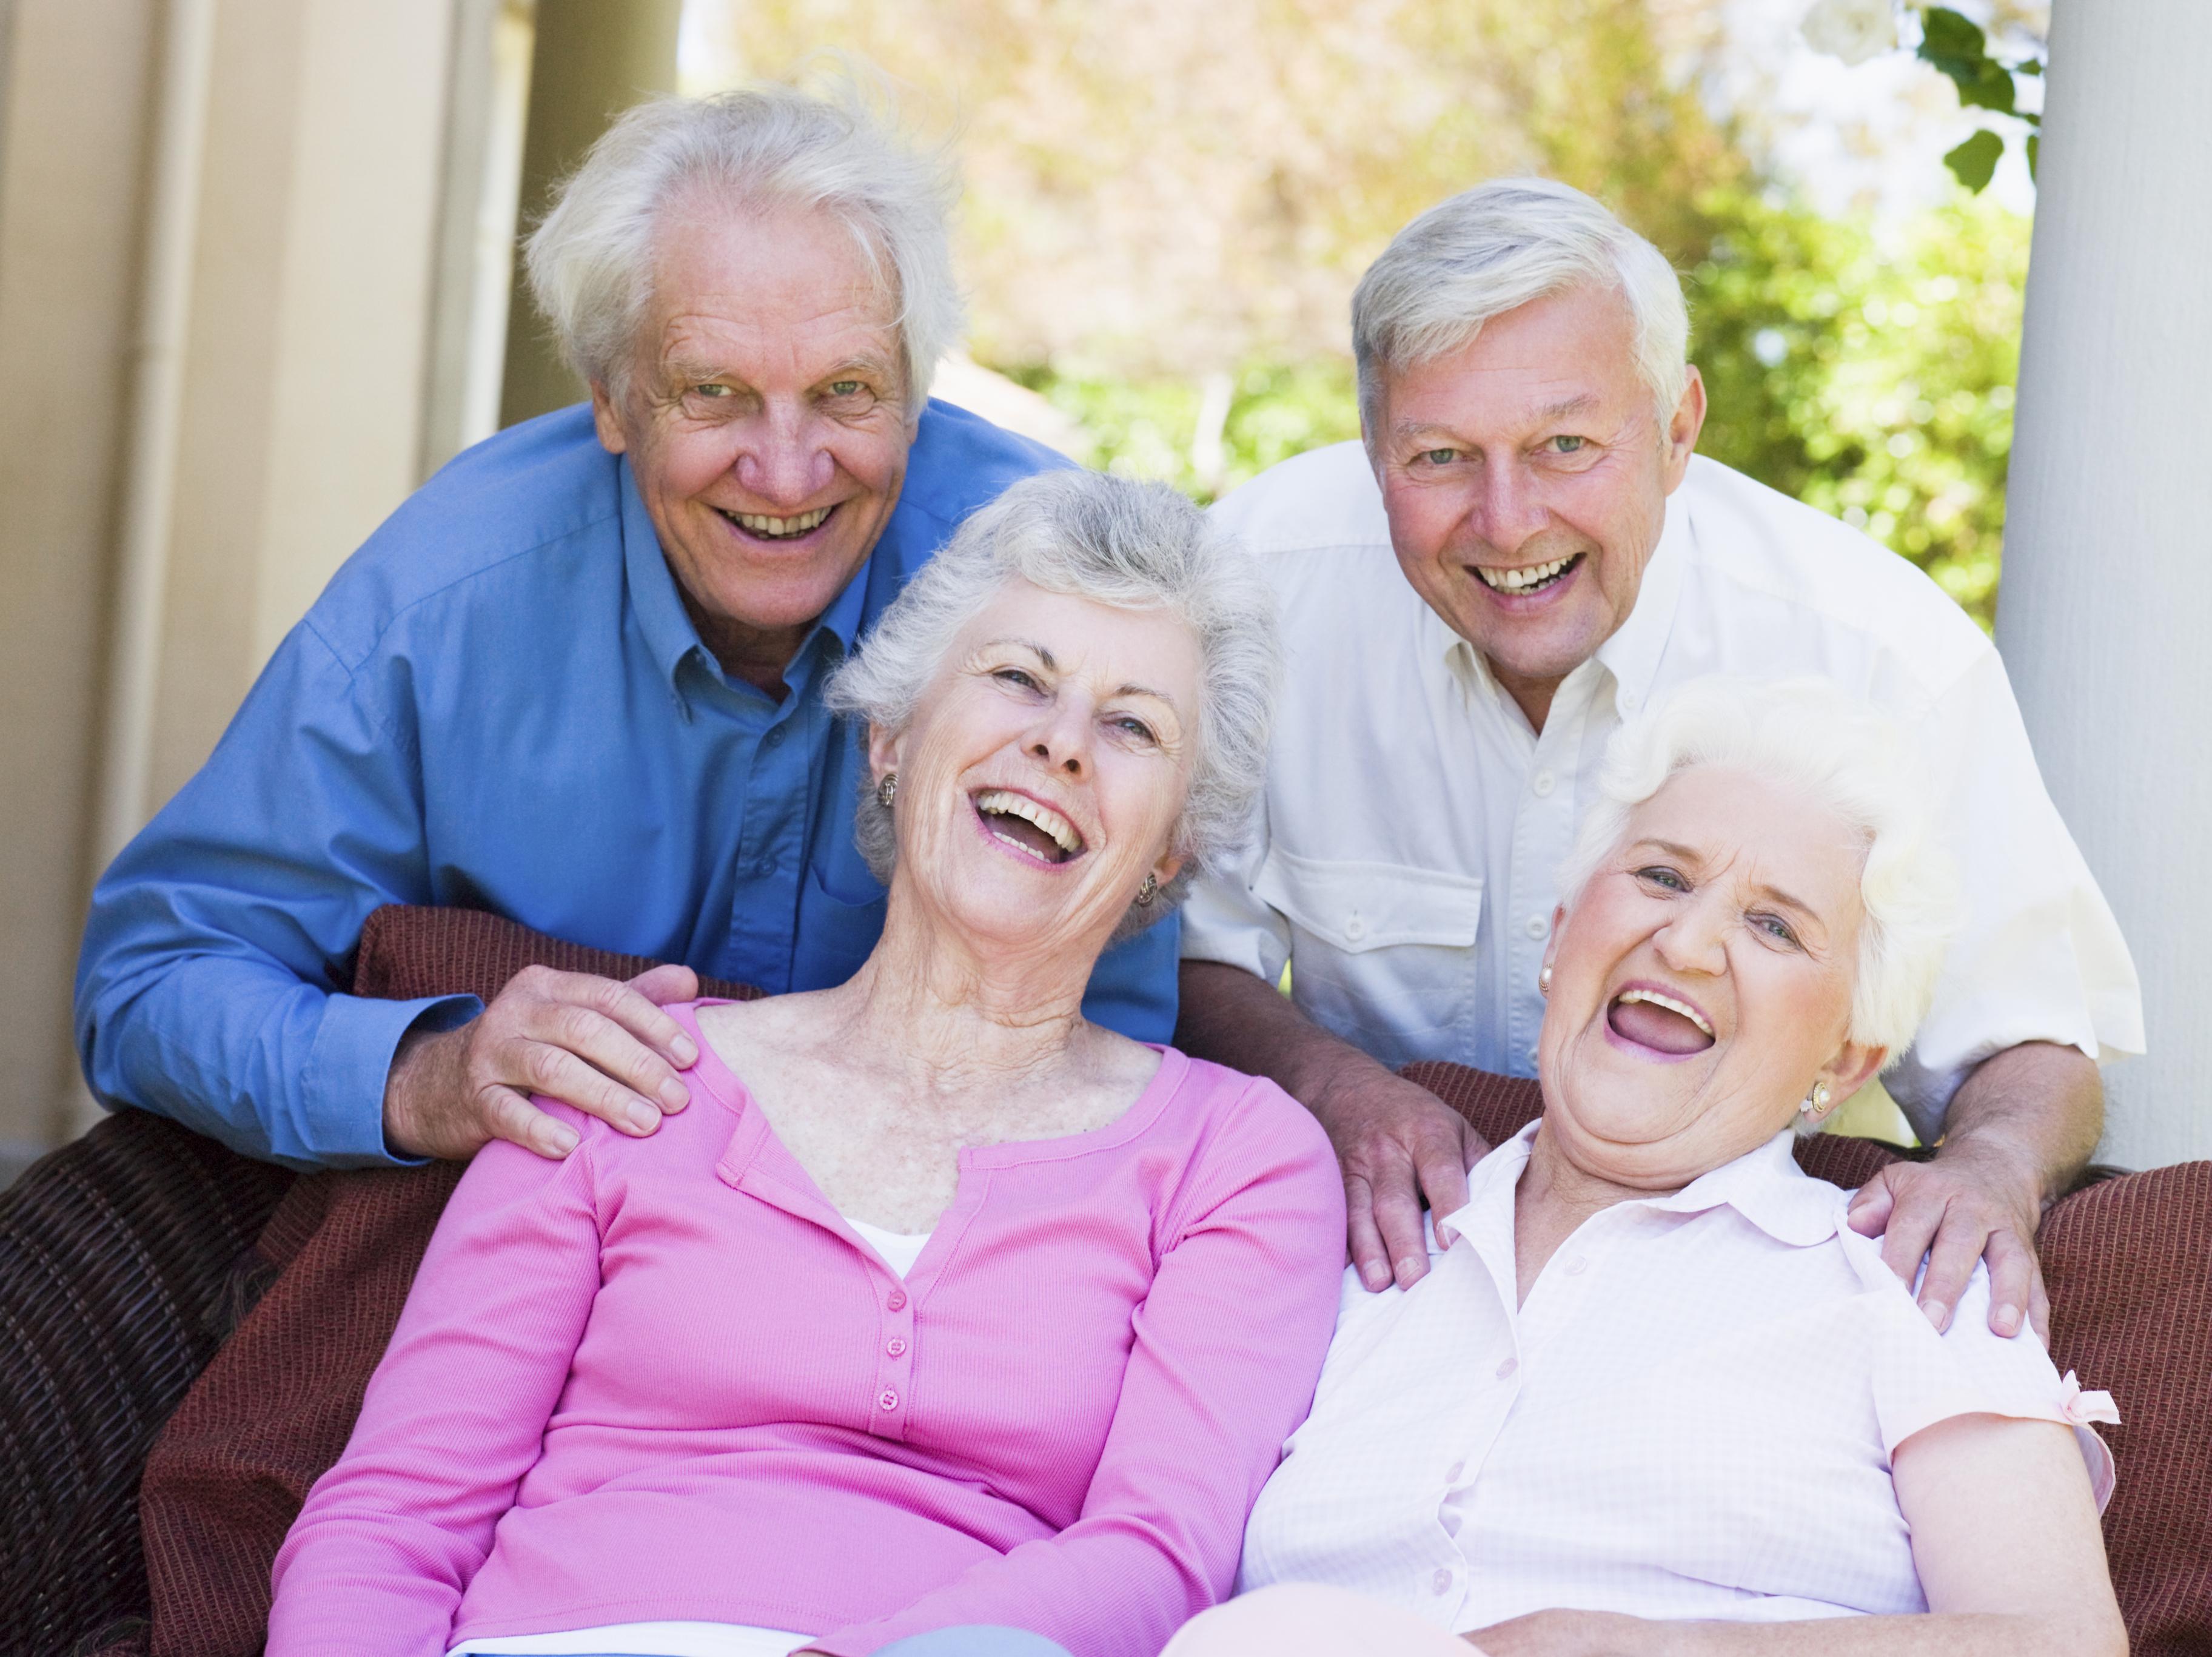 Humor for seniors